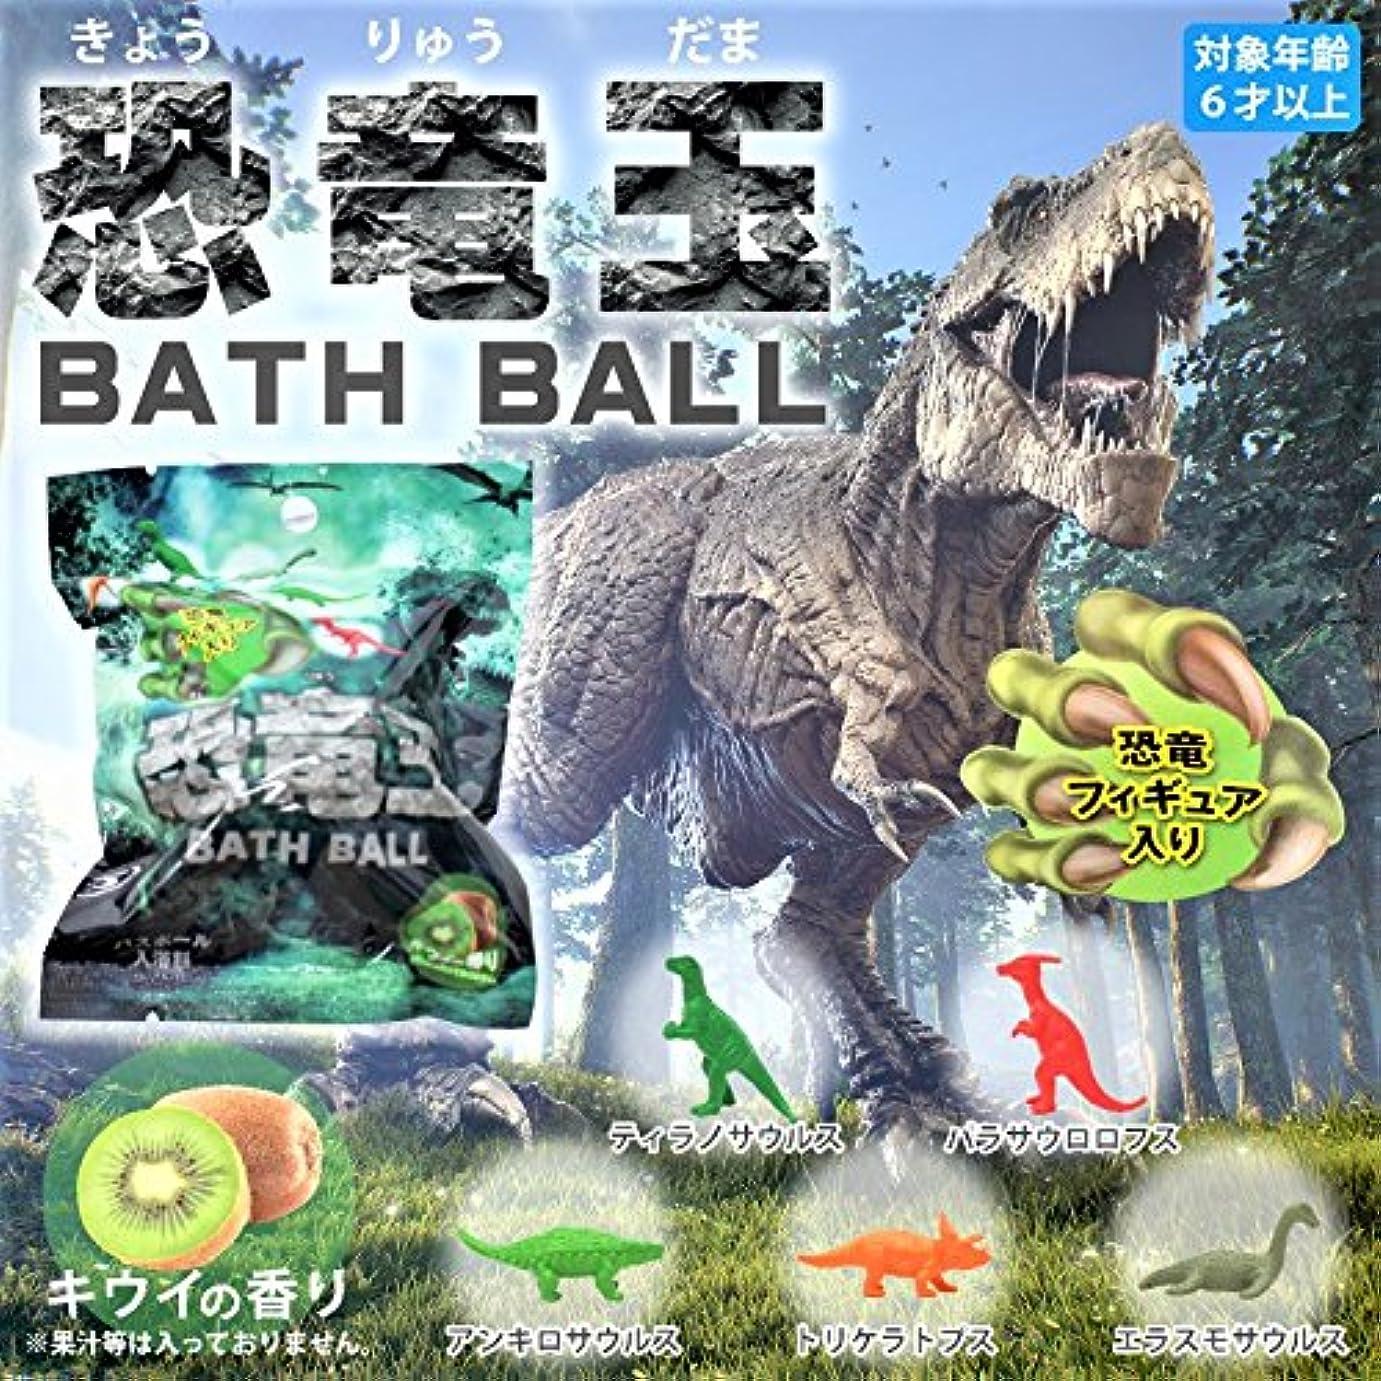 ストレージ幻想的選出する恐竜玉バスボール 6個1セット キウイの香り 恐竜フィギュア入りバスボール 入浴剤